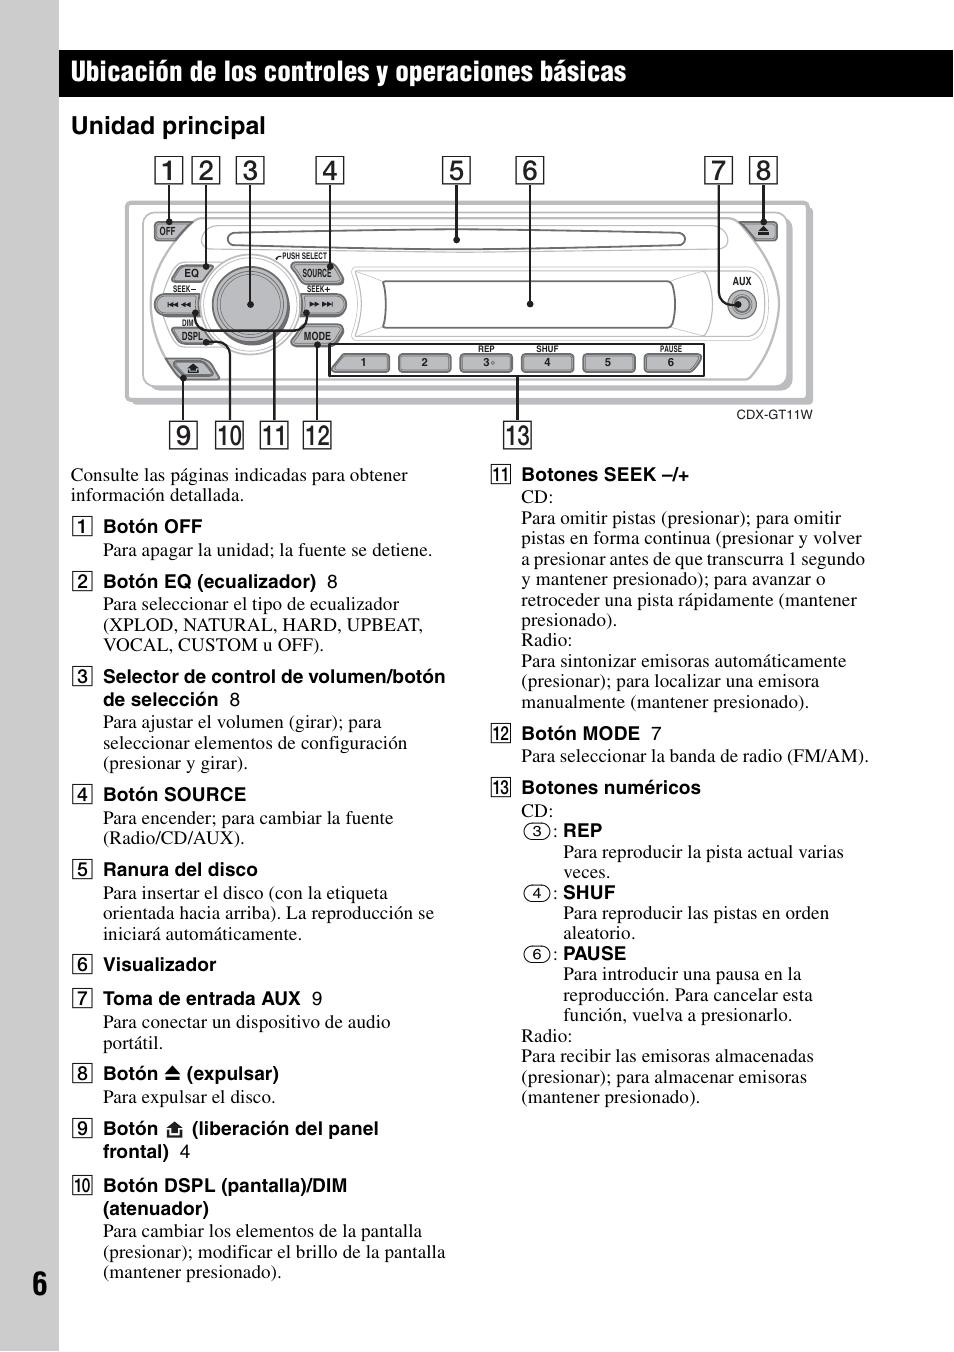 hight resolution of ubicaci n de los controles y operaciones b sicas unidad principal sony car audio wiring diagram sony cdx gt11w wiring diagram